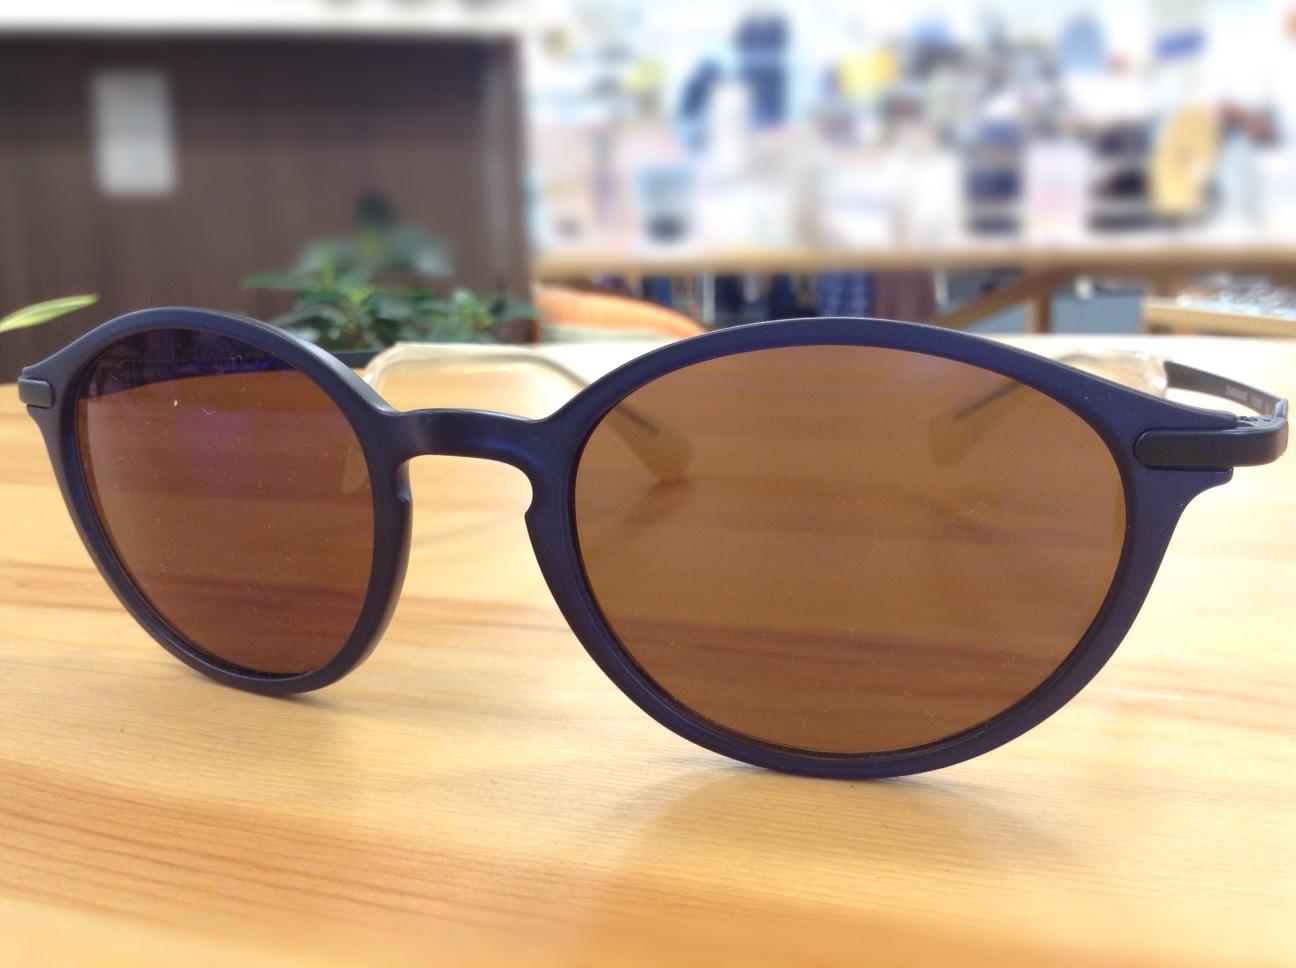 ちょこサン 品番:FG24507 カラー:NV レンズサイズ:49ミリ